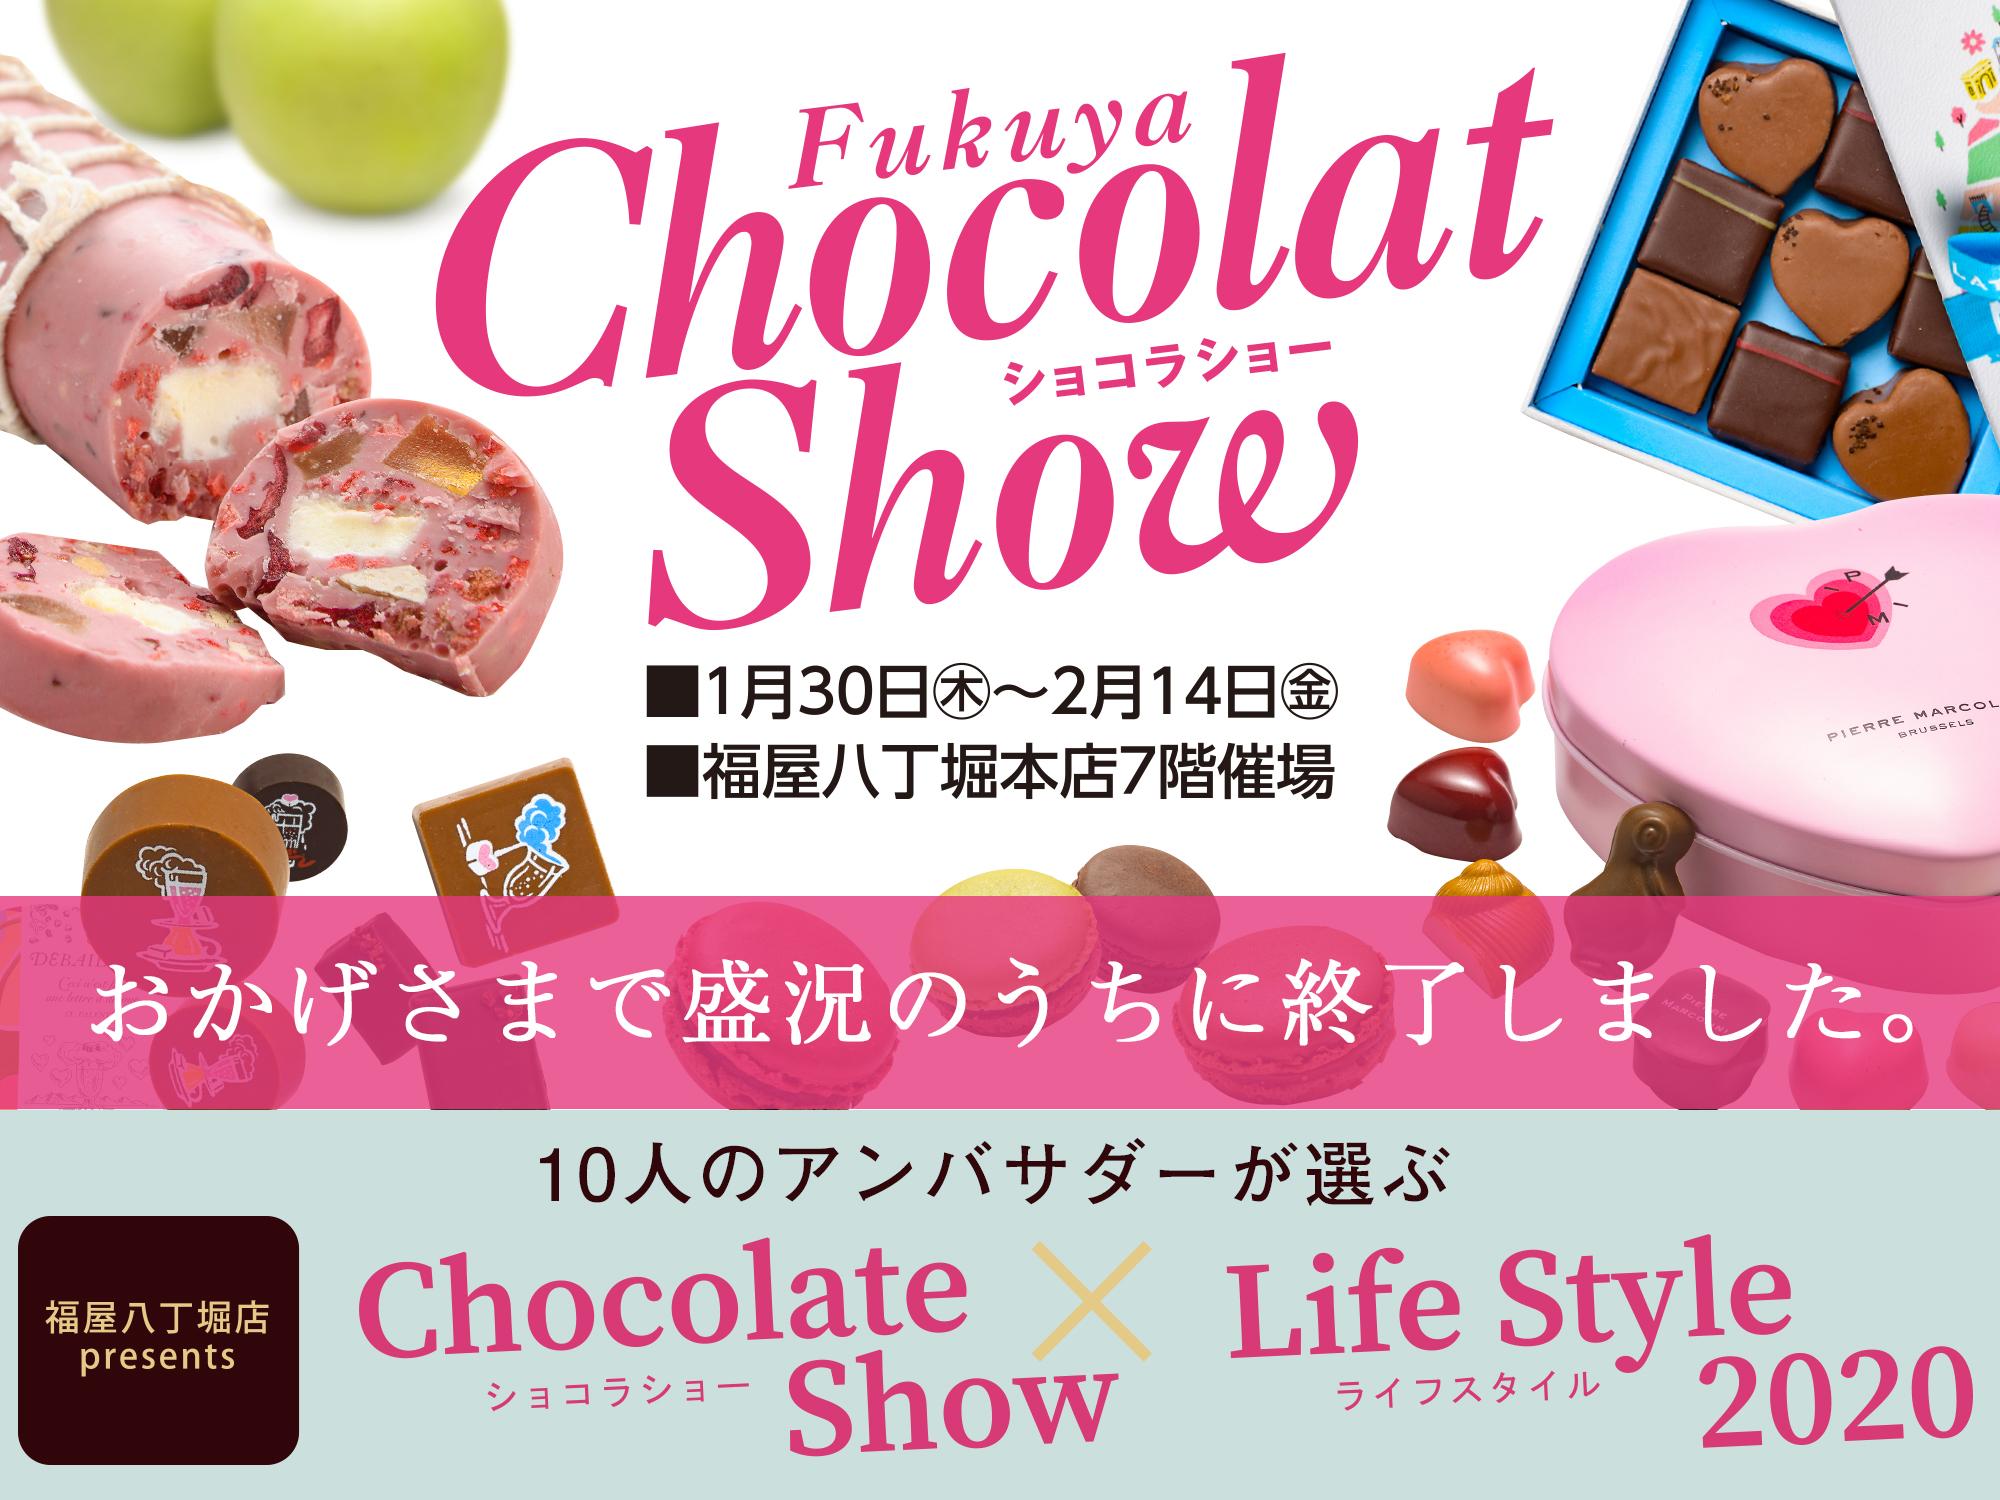 2020福屋ショコラショー